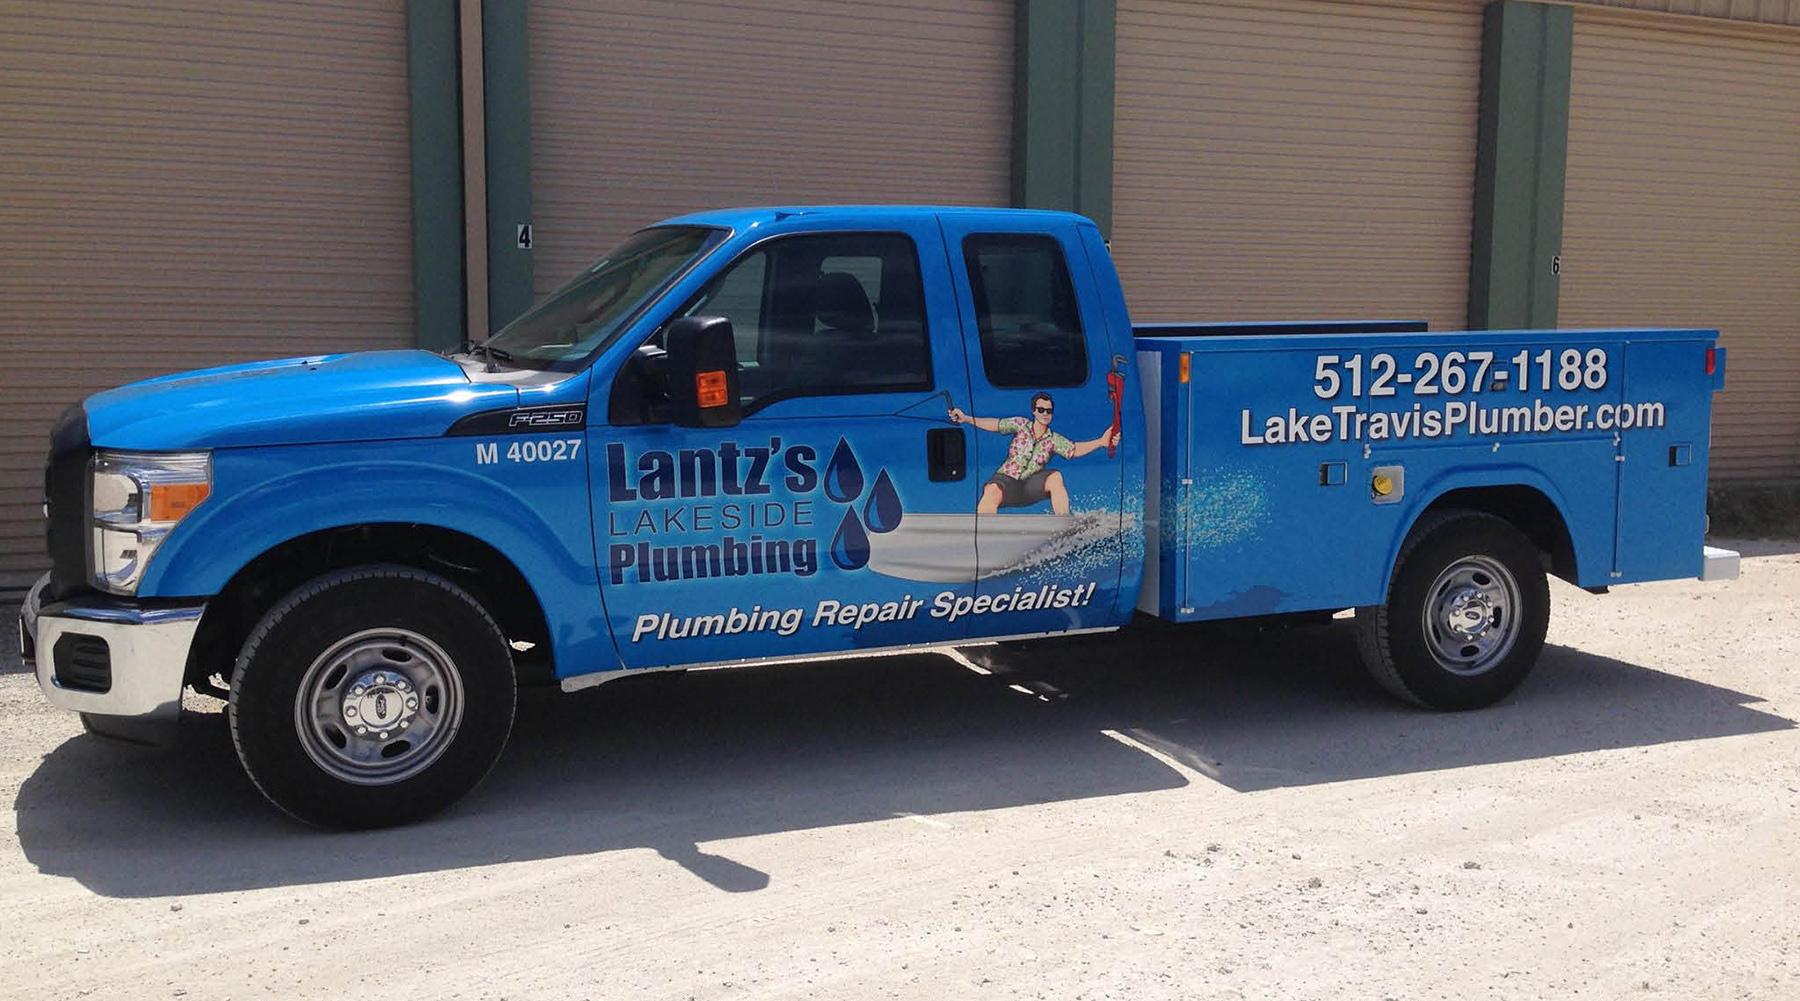 Lamtz's Lakeside Lake Travis Plumbing